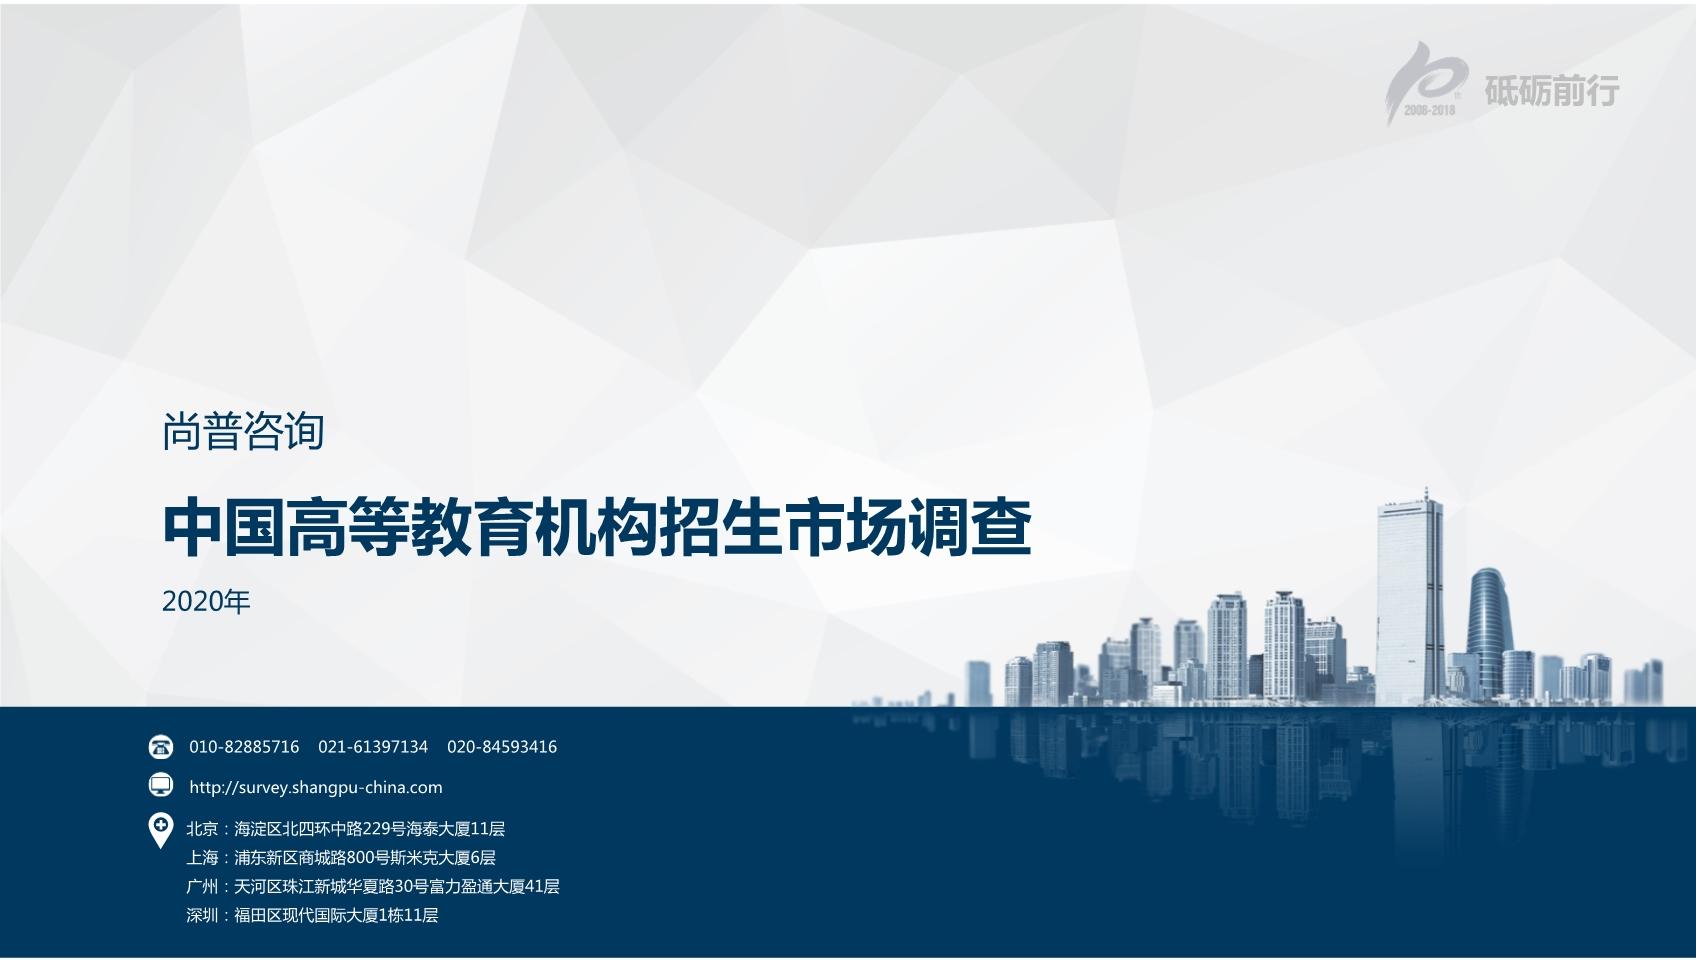 尚普咨询:2020年中国高等教育机构招生市场调查